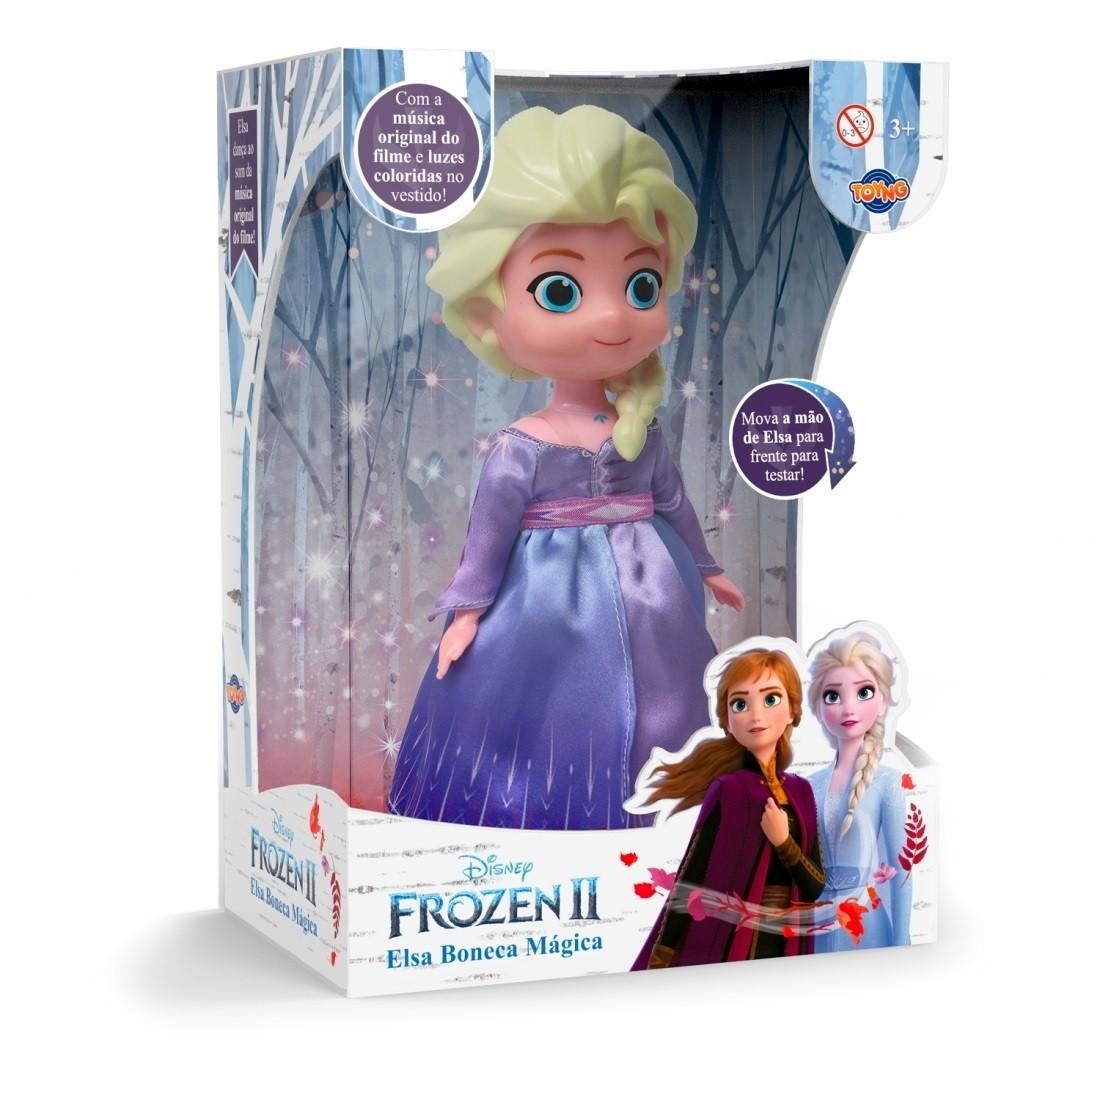 Boneca Musical Disney Elsa do filme Frozen 2 Dança com Som e Luz